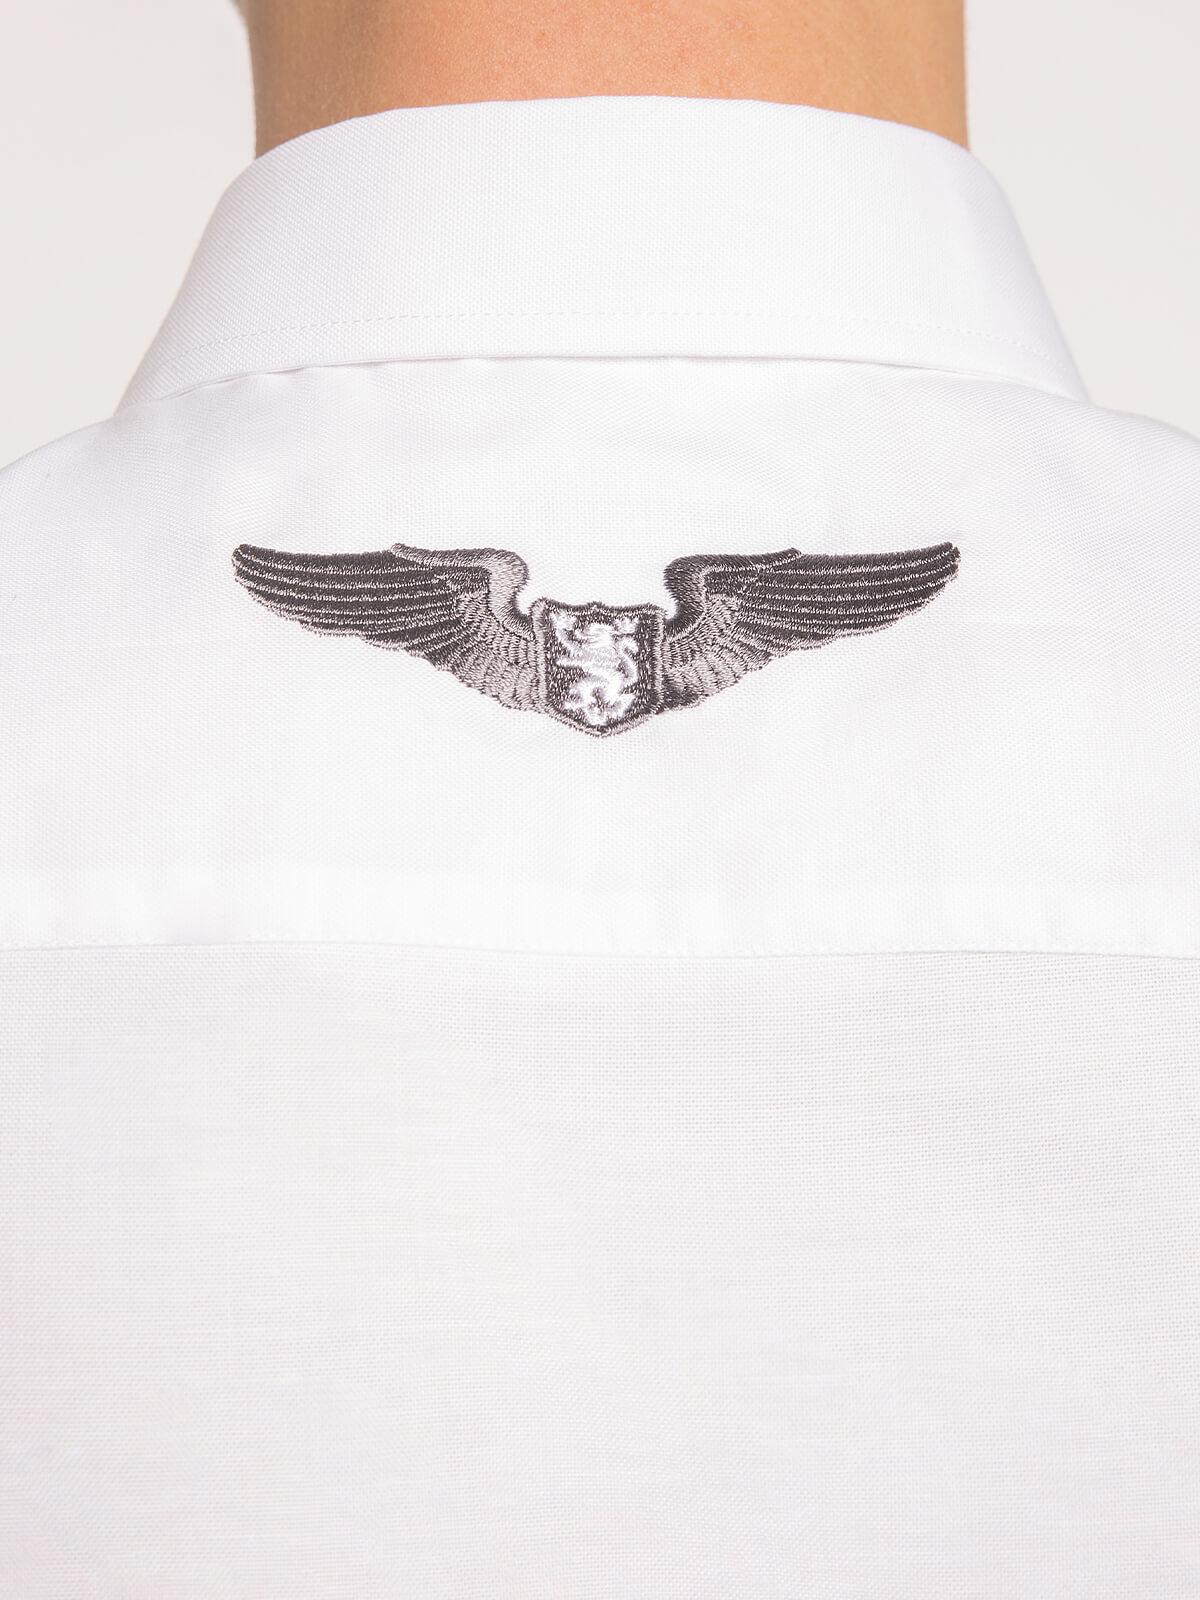 Чоловіча Сорочка Крила. Колір білий.  Розмір на моделі: М.